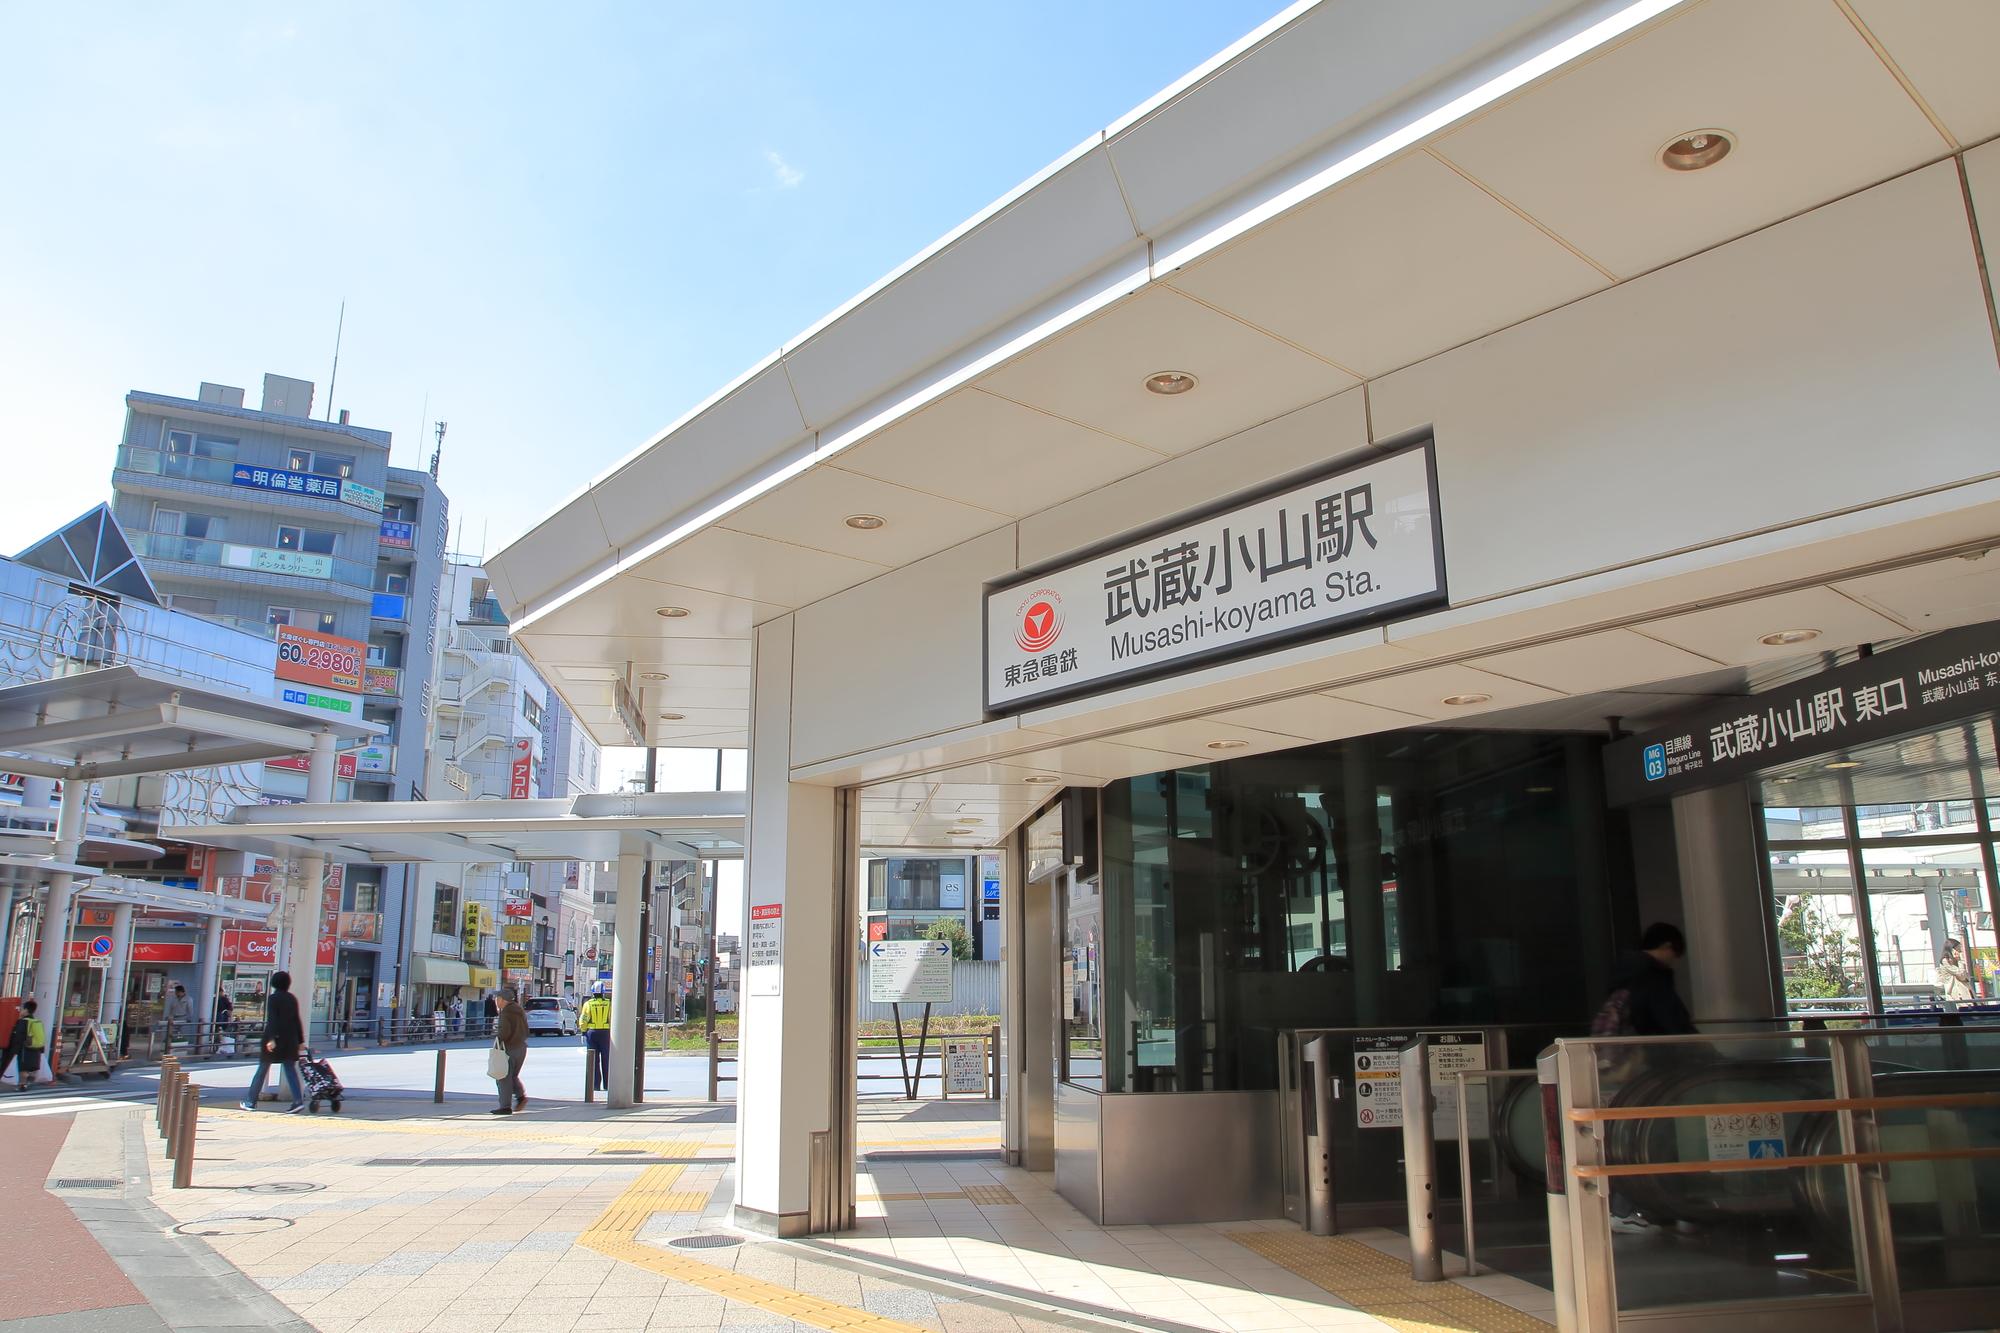 日曜に診療したい方へ!武蔵小山駅の歯医者さん、おすすめポイント紹介